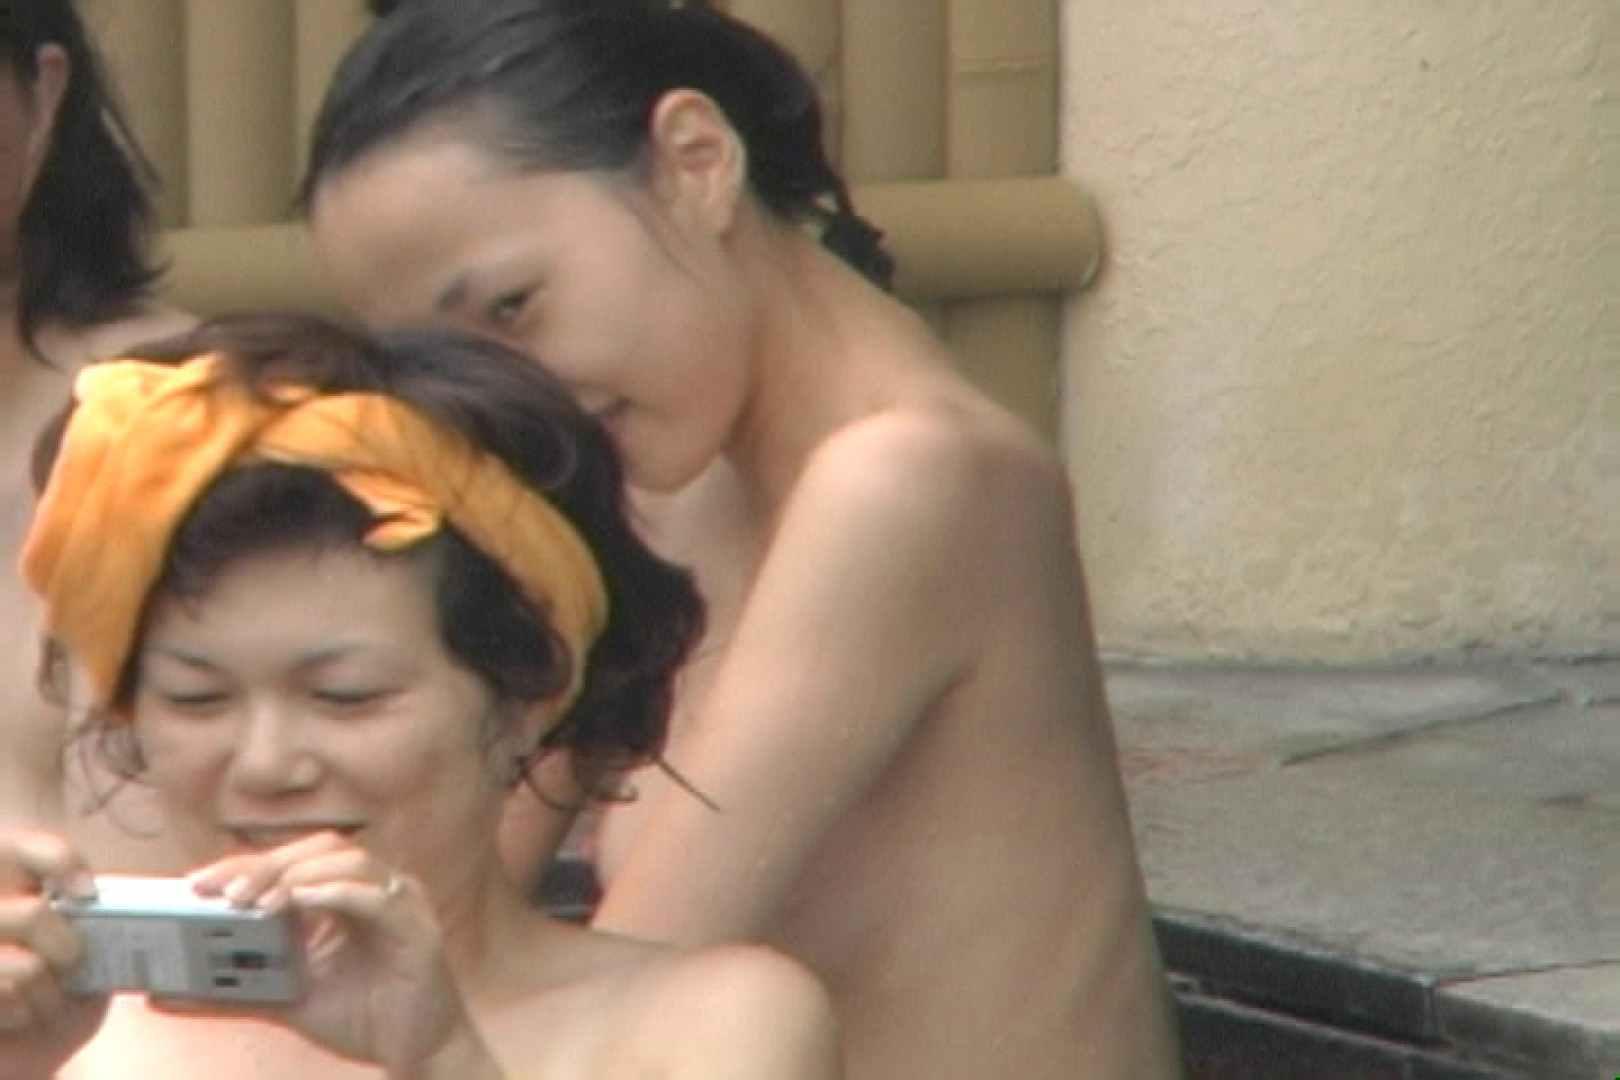 Aquaな露天風呂Vol.41 美しいOLの裸体 | 盗撮師作品  107pic 55